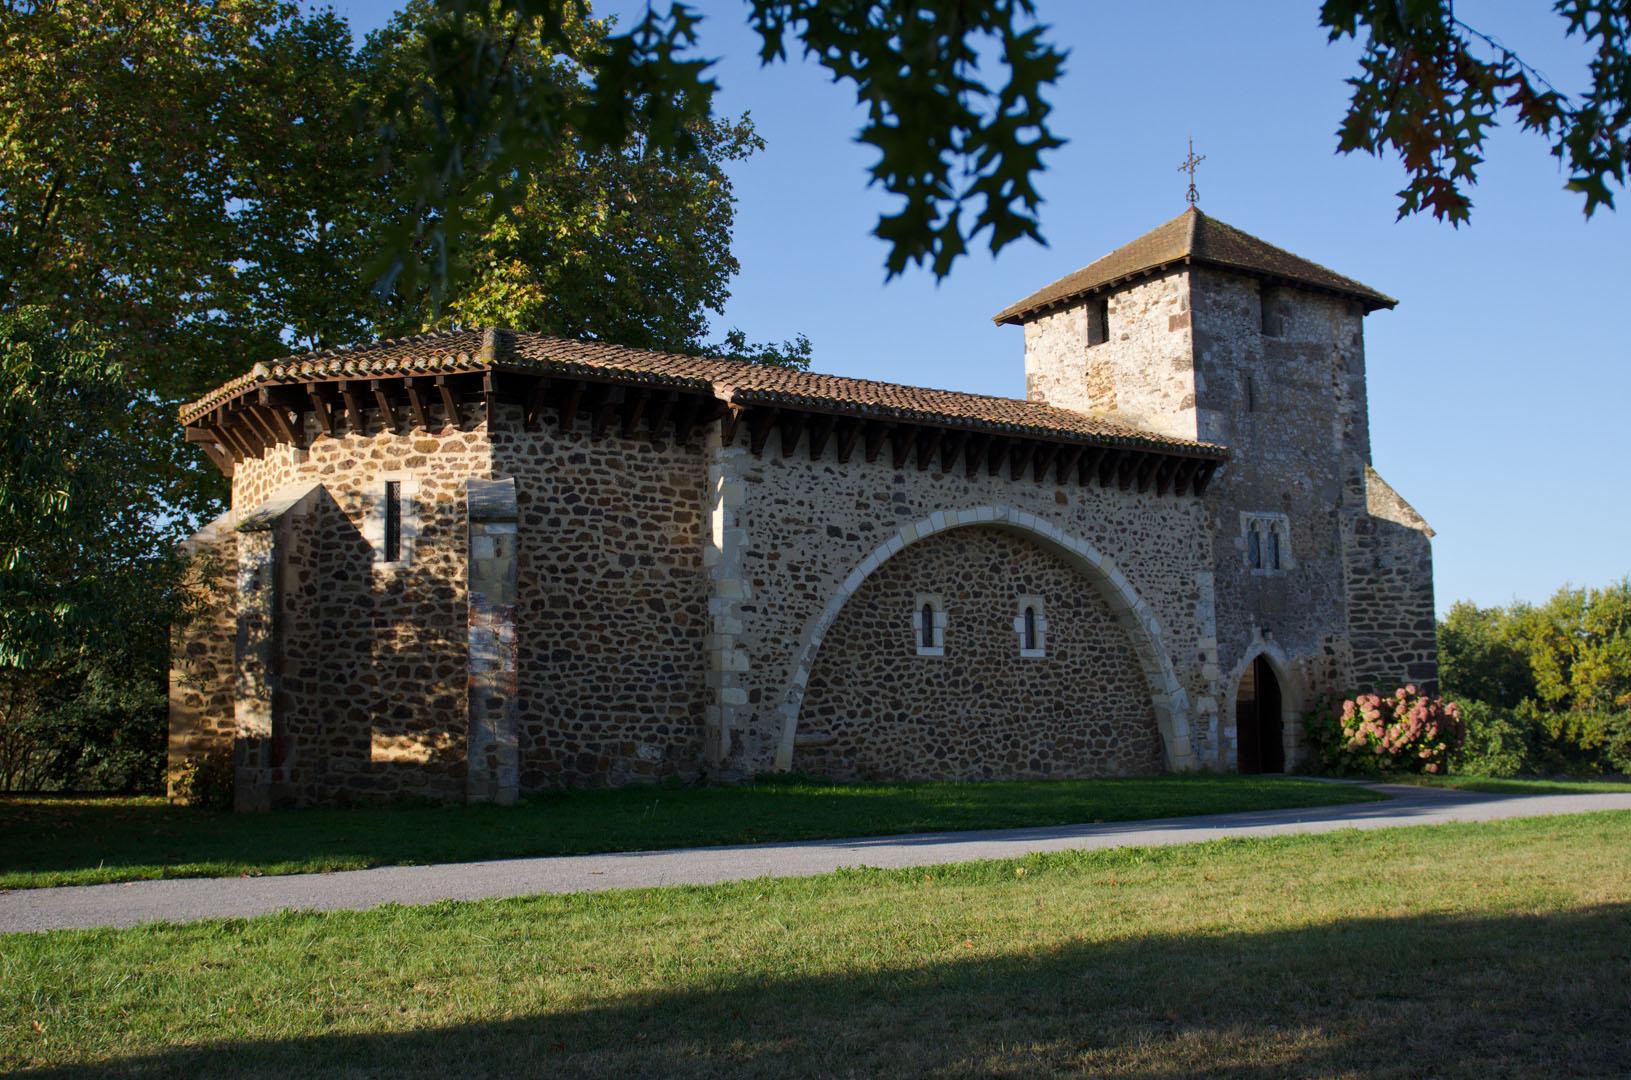 La Vieille église vue sur toute sa longueur, de l'abside à la tour-clocher, dans la lumière rasante d'un matin de la fin de l'été.